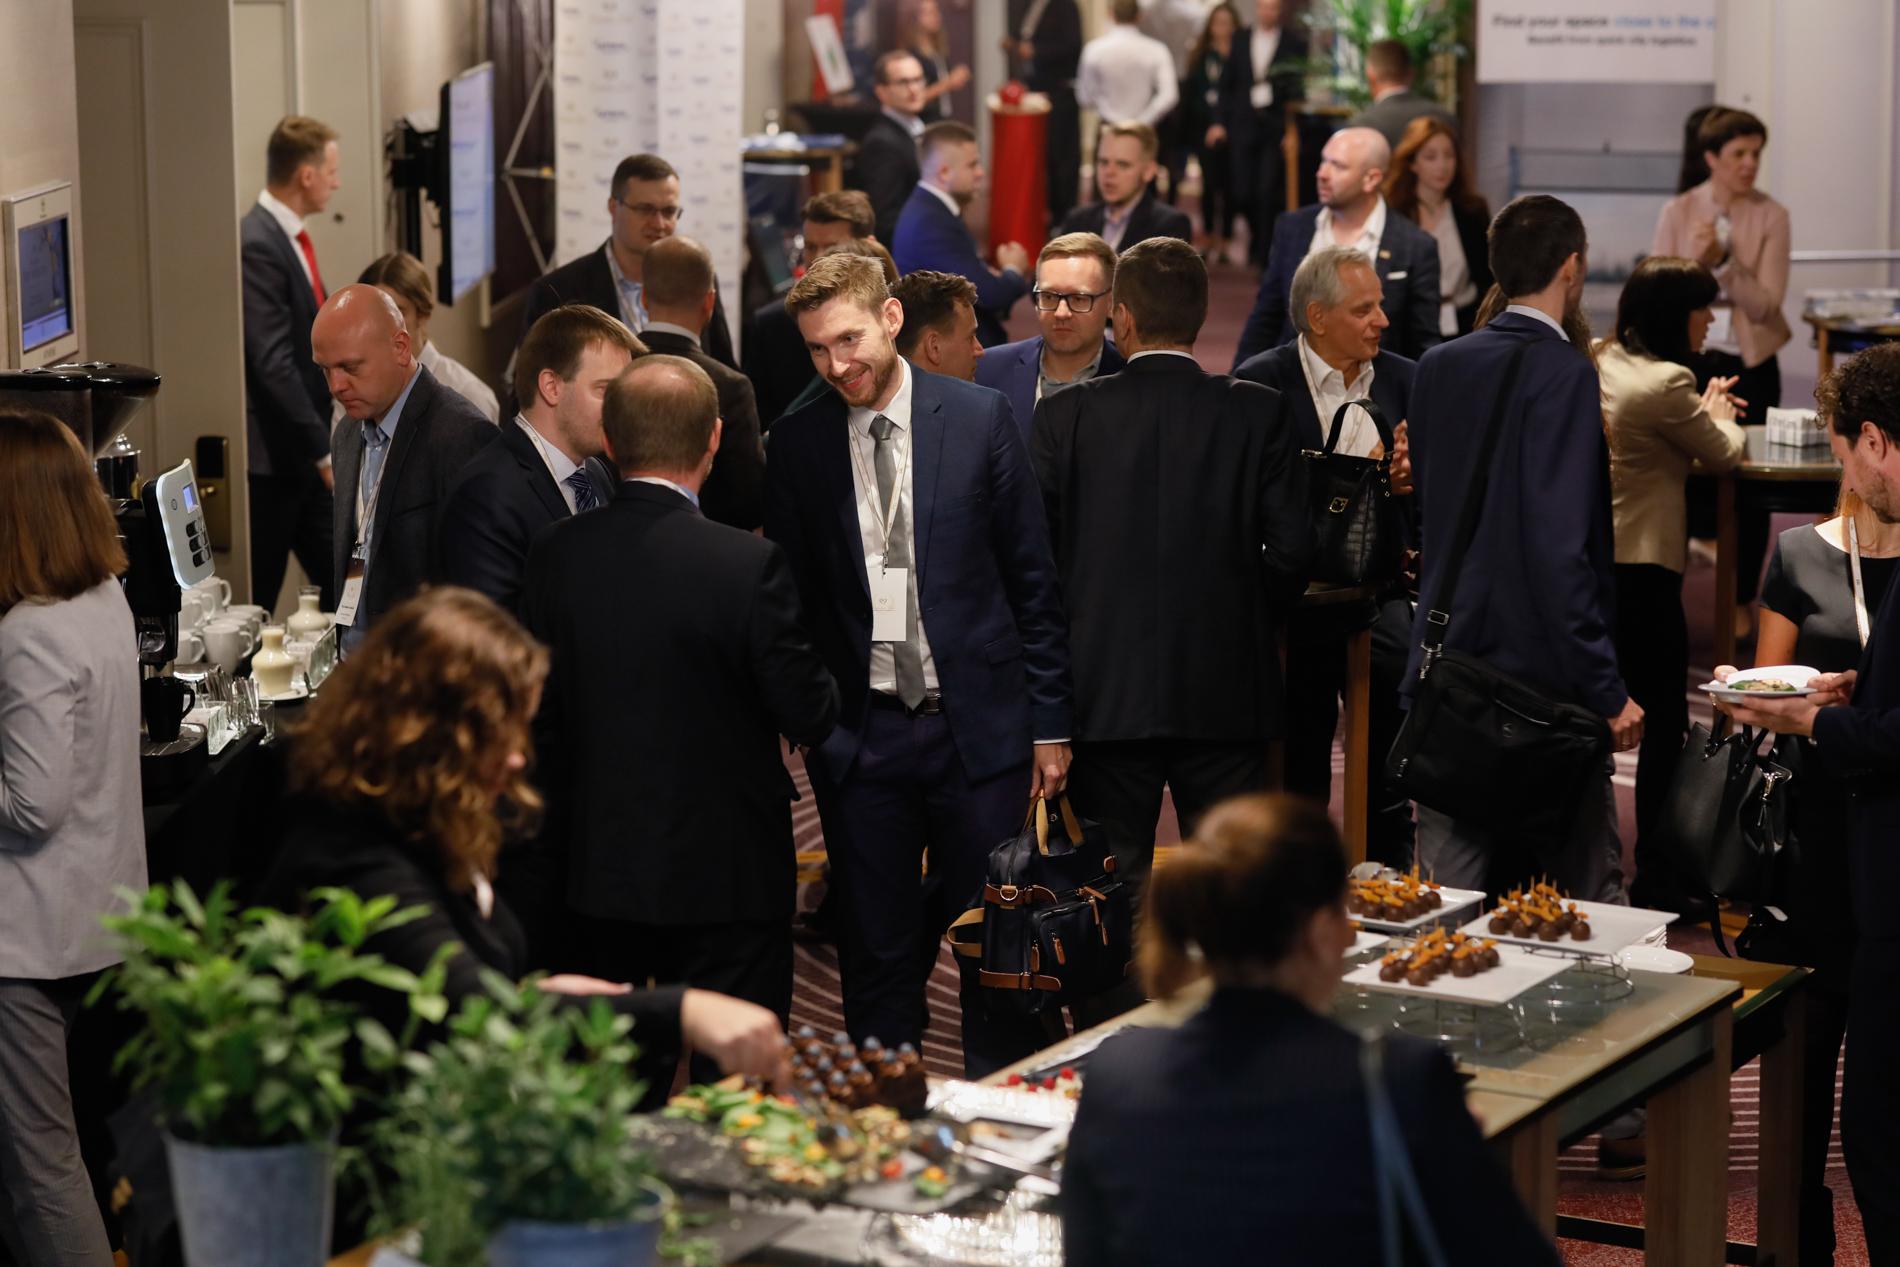 Nowoczesny przemysł w pigułce czyli relacja z konferencji Top Industry Summit